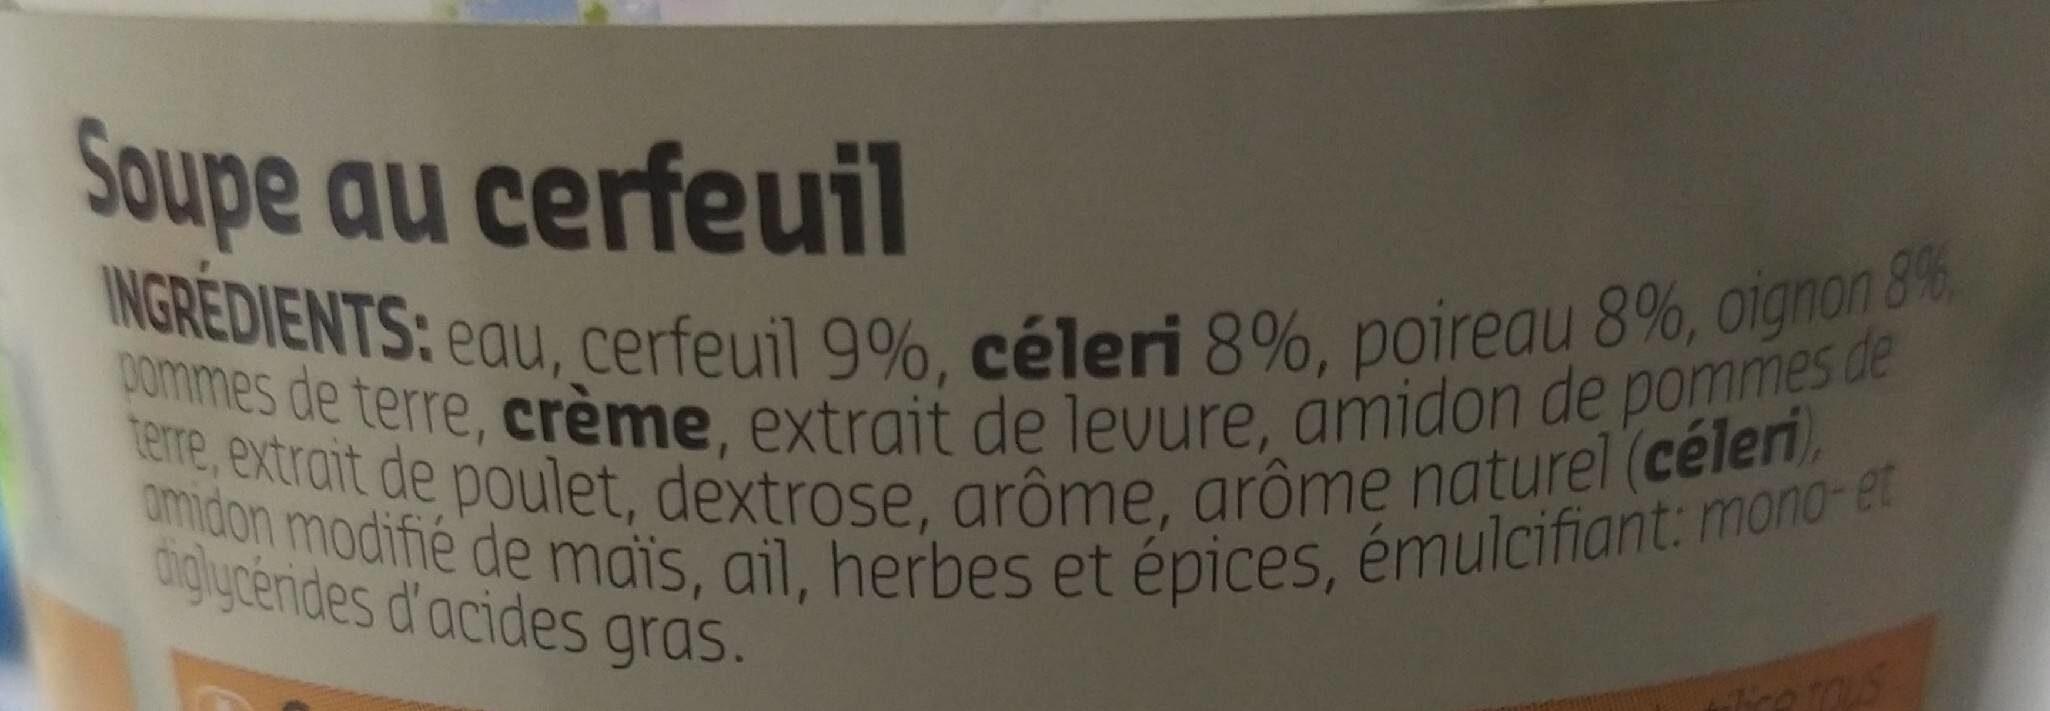 SOUPE AU CERFEUIL - Ingrediënten